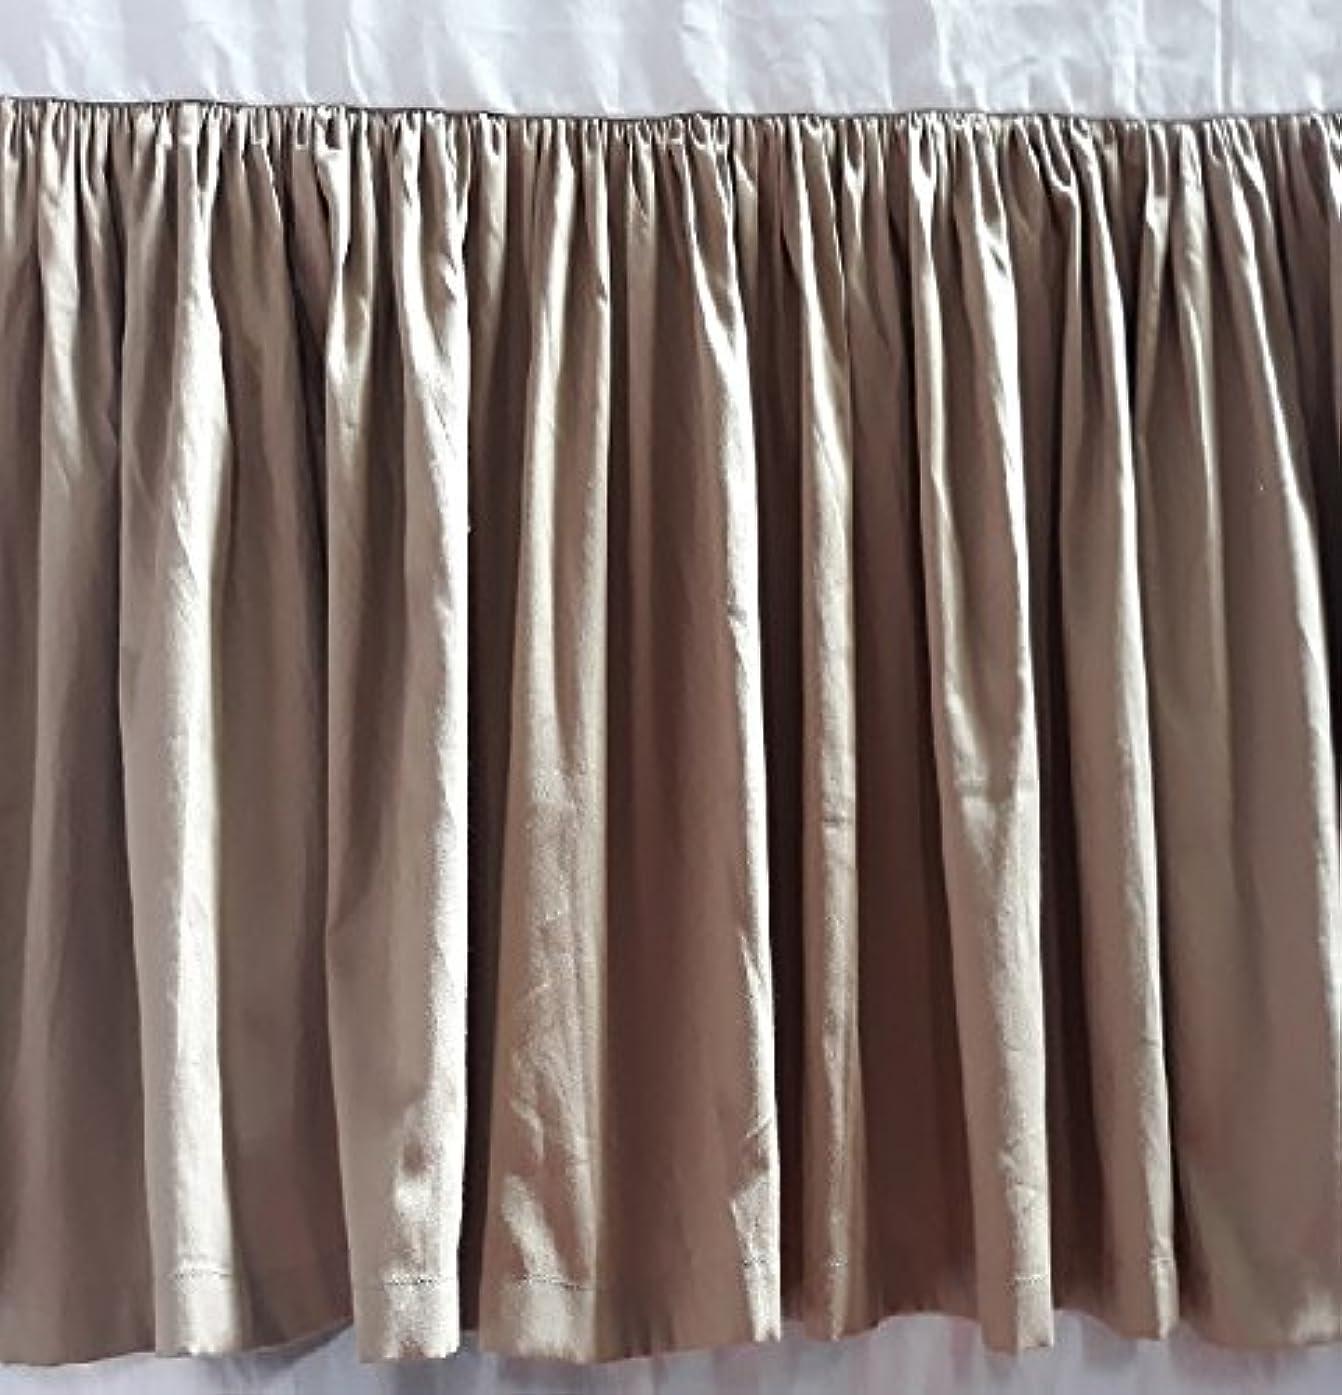 クレーター失望させる沼地分割コーナー用フリル付きベッドスカートSolid Taupe 100?%エジプト綿キング( 78?